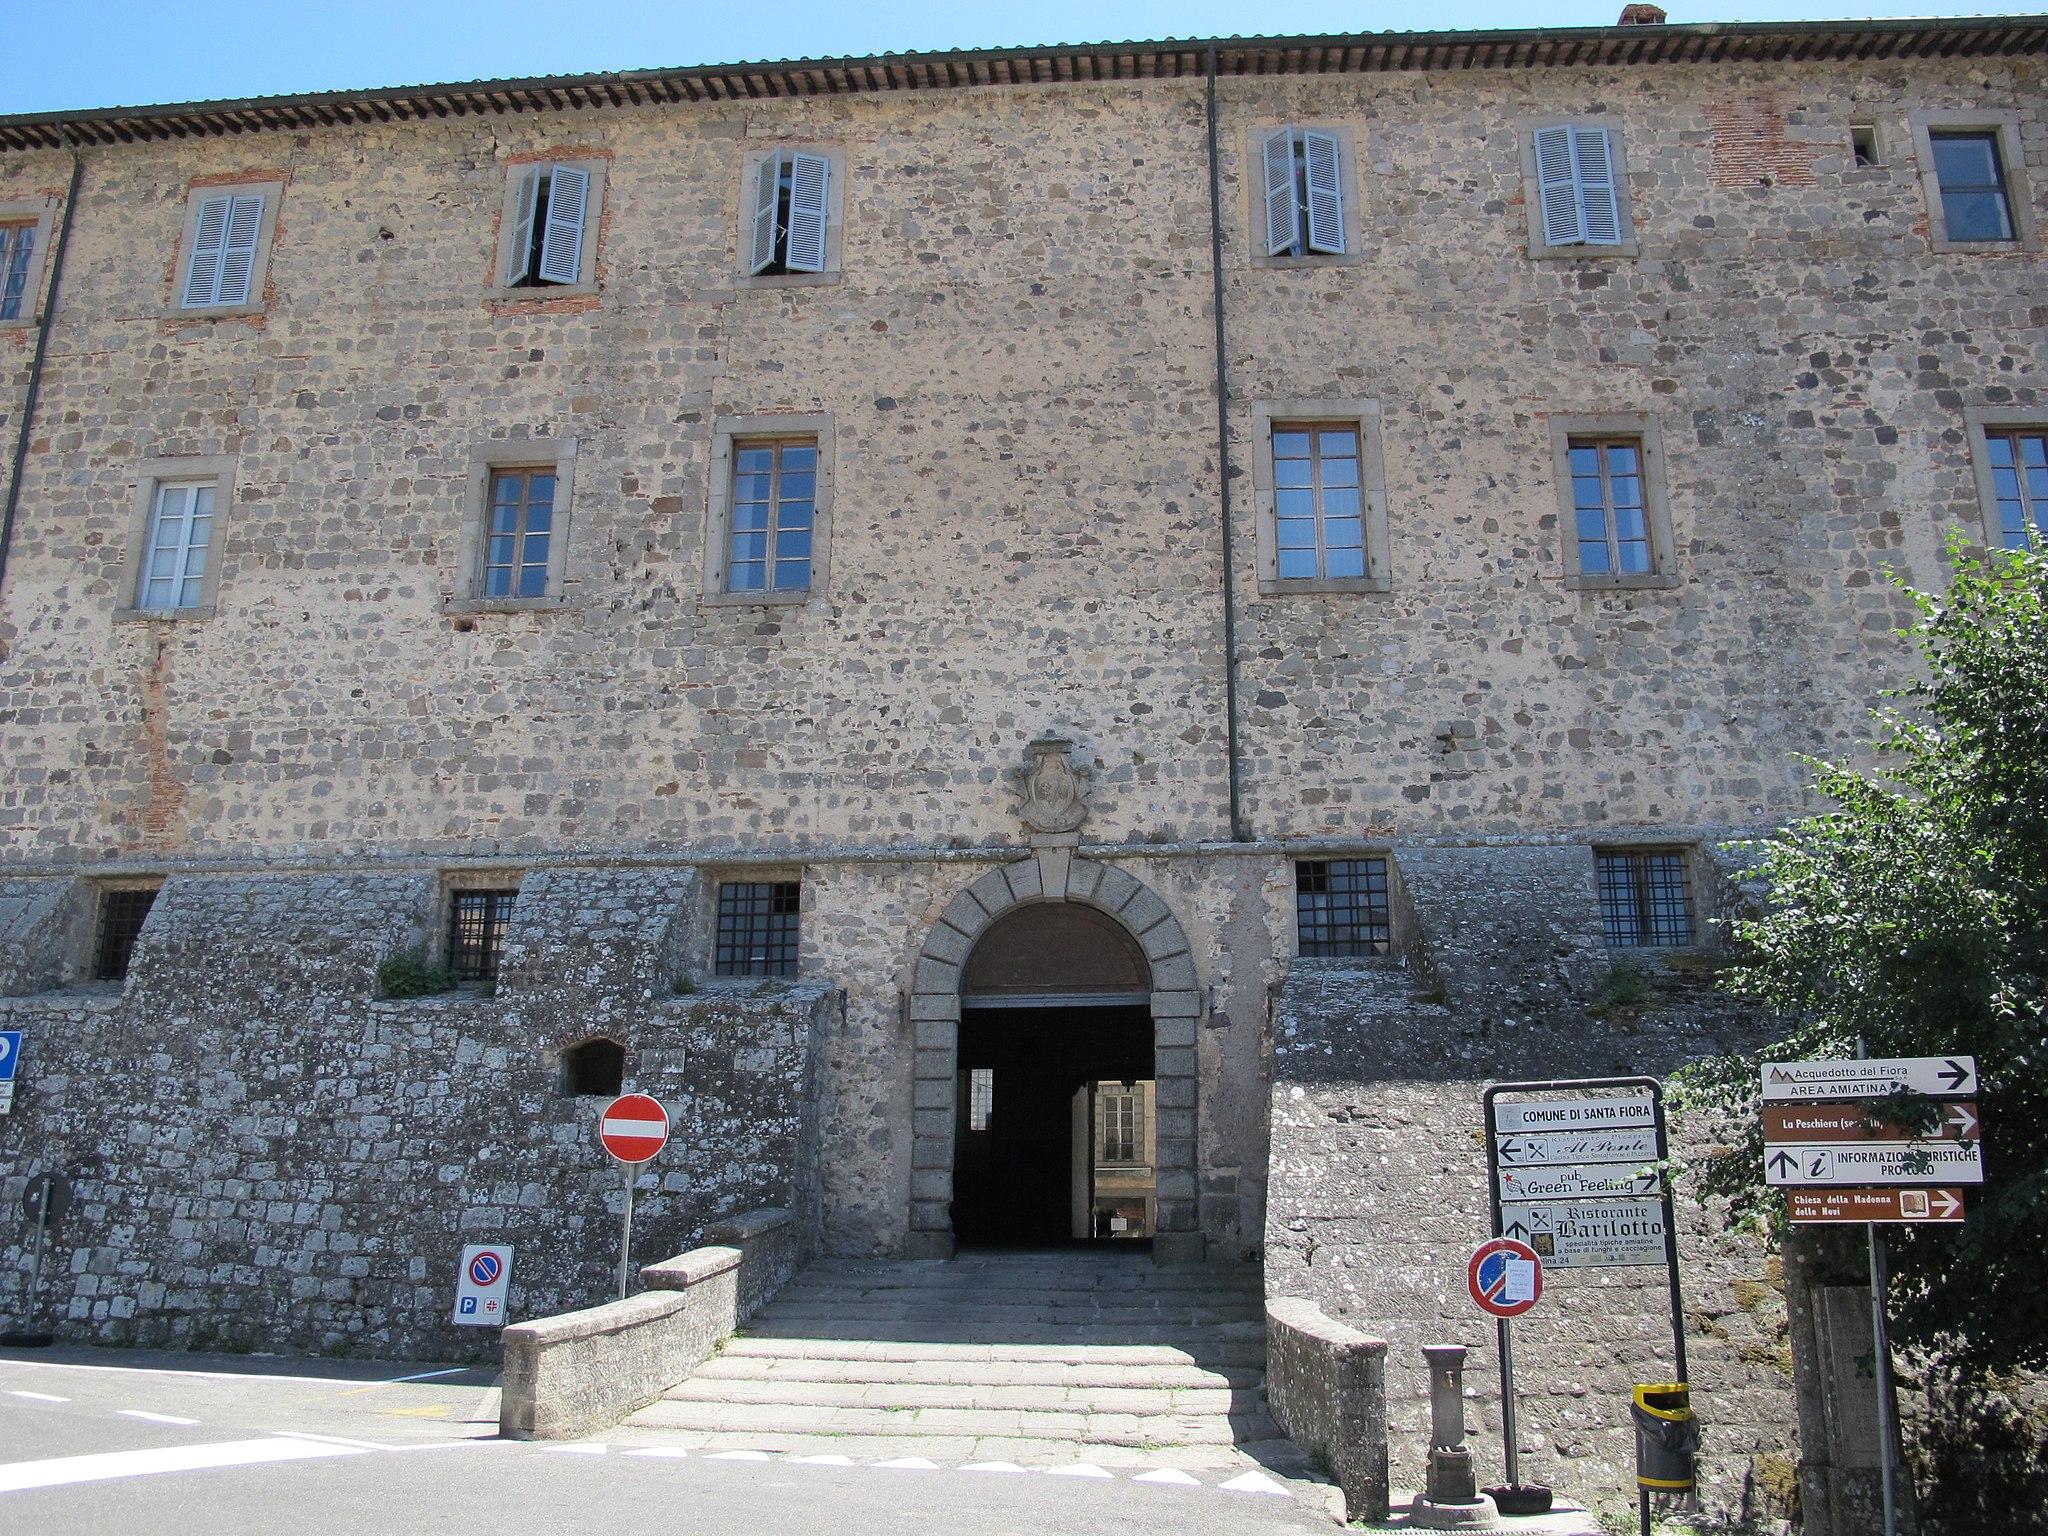 Santa Fiora, Rocca Aldobrandesca